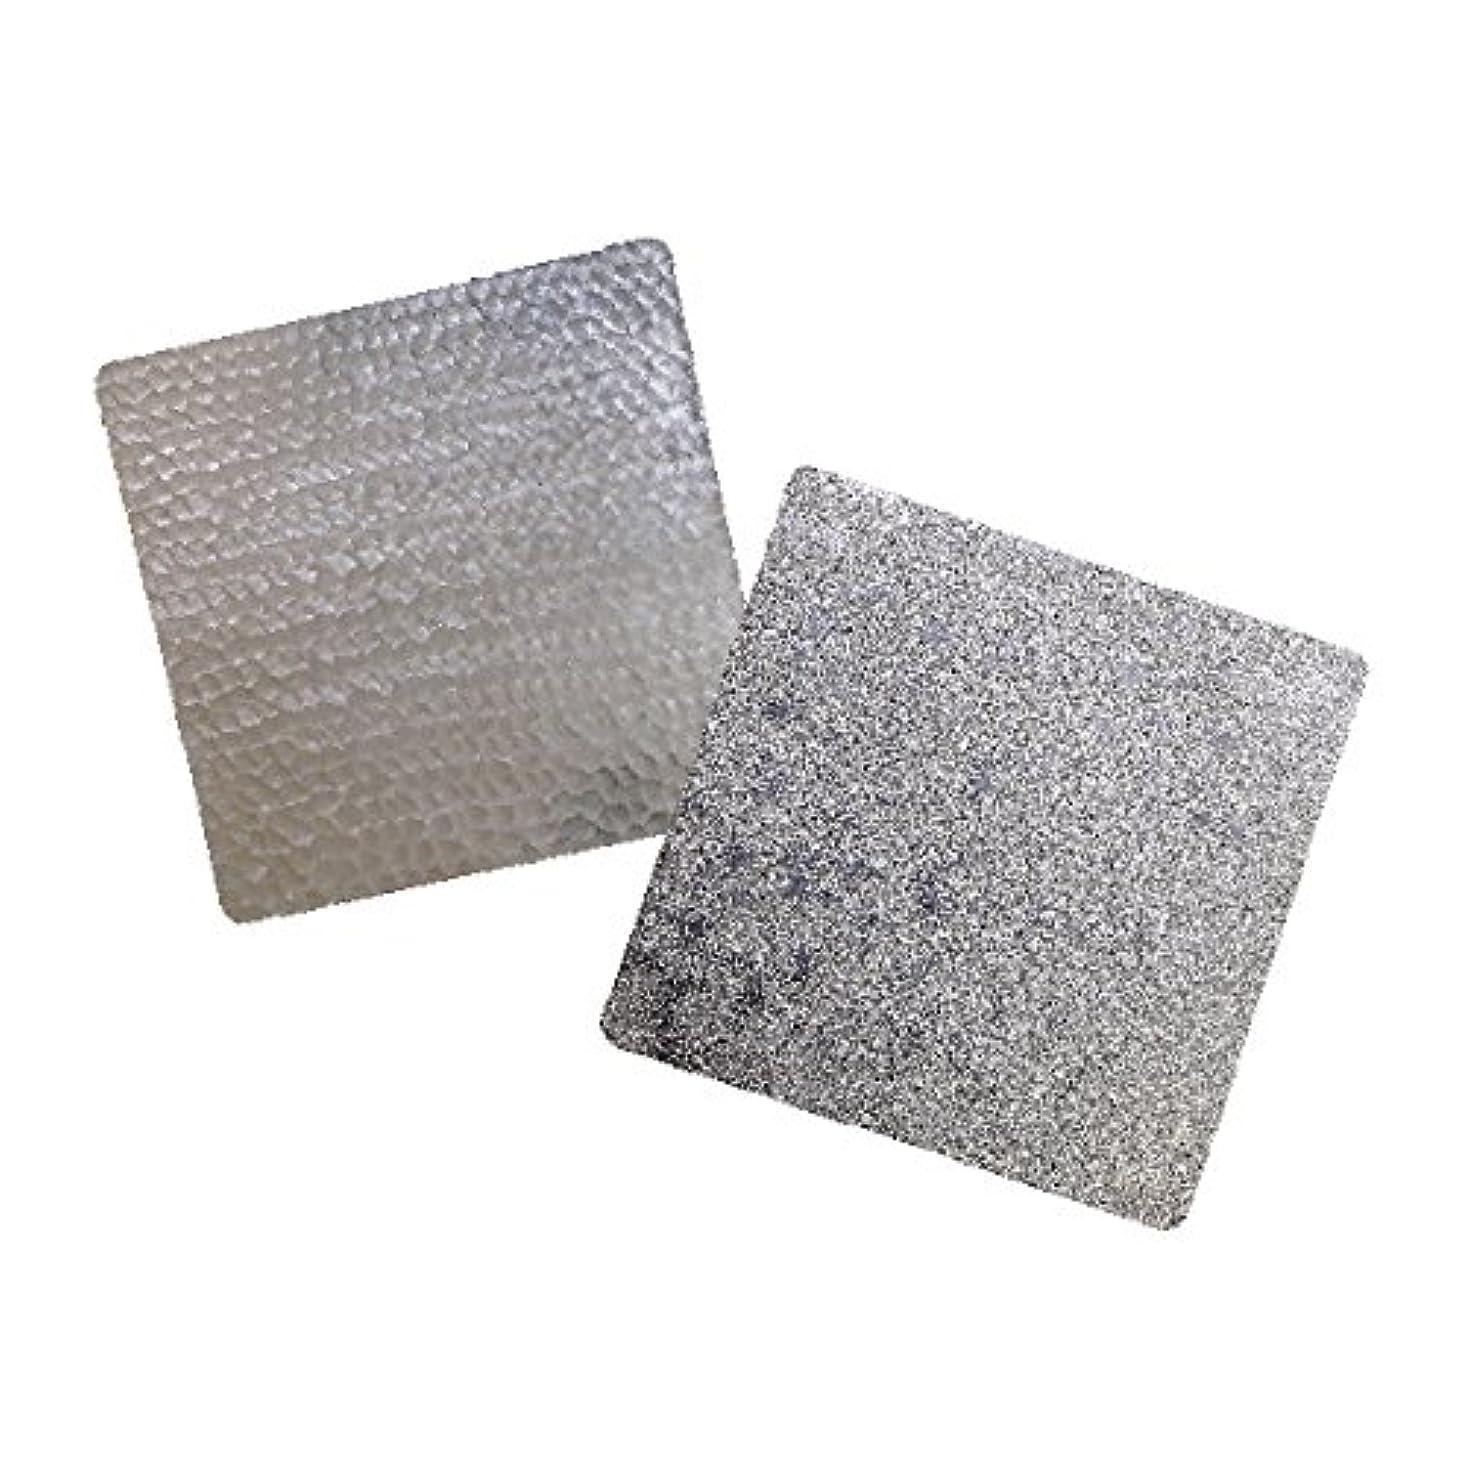 み節約する数錫 すずがみ(錫紙)2枚組(あられ?かざはな)セット S 13×13(cm) シマタニ昇龍工房